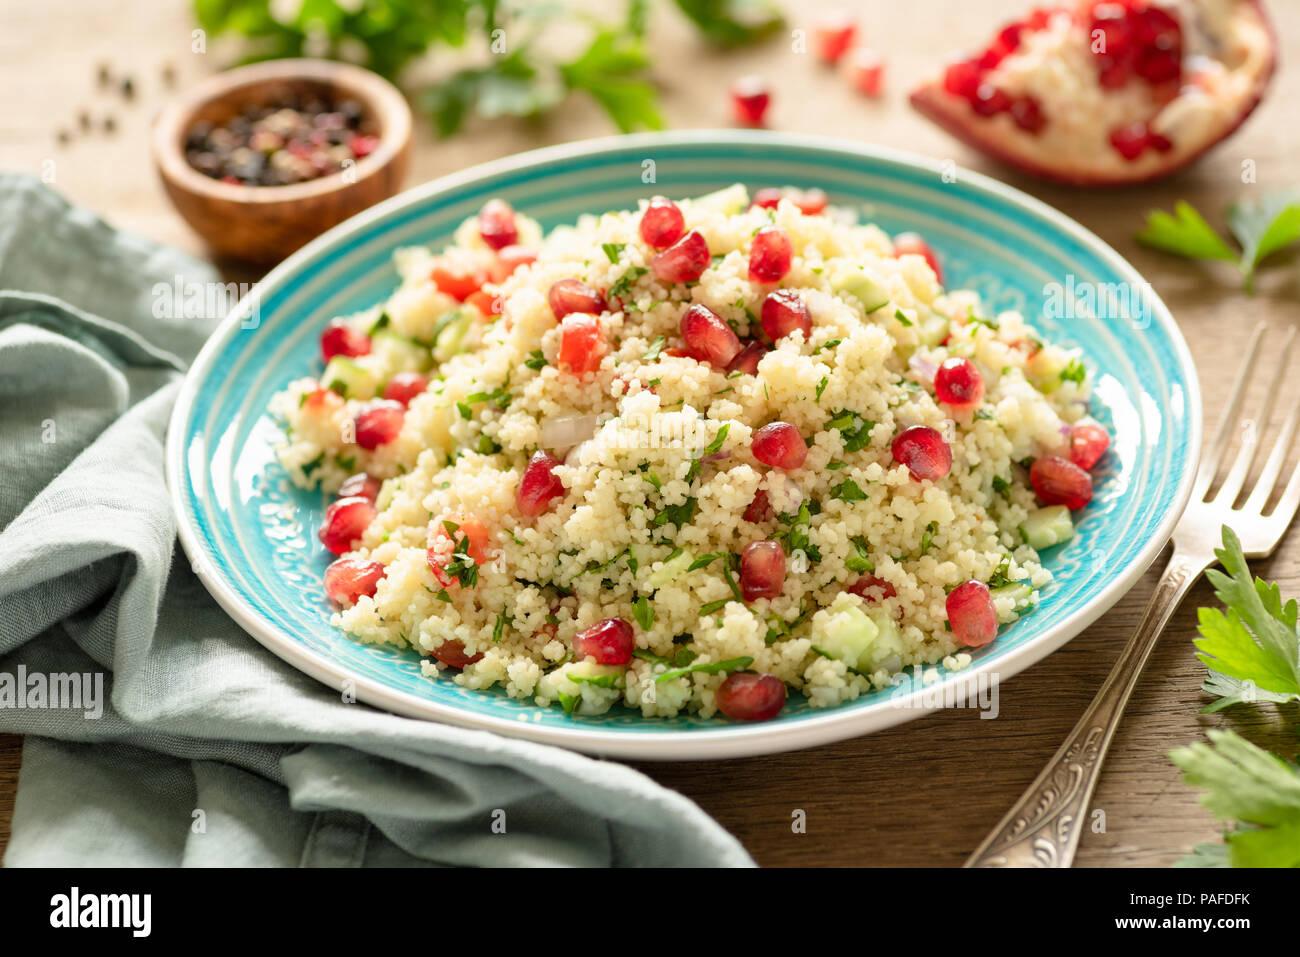 Gesunde couscous Salat tabbouleh mit Granatapfel auf Holz Tisch, Detailansicht, selektive konzentrieren. Ethnische arabisches Essen Stockbild